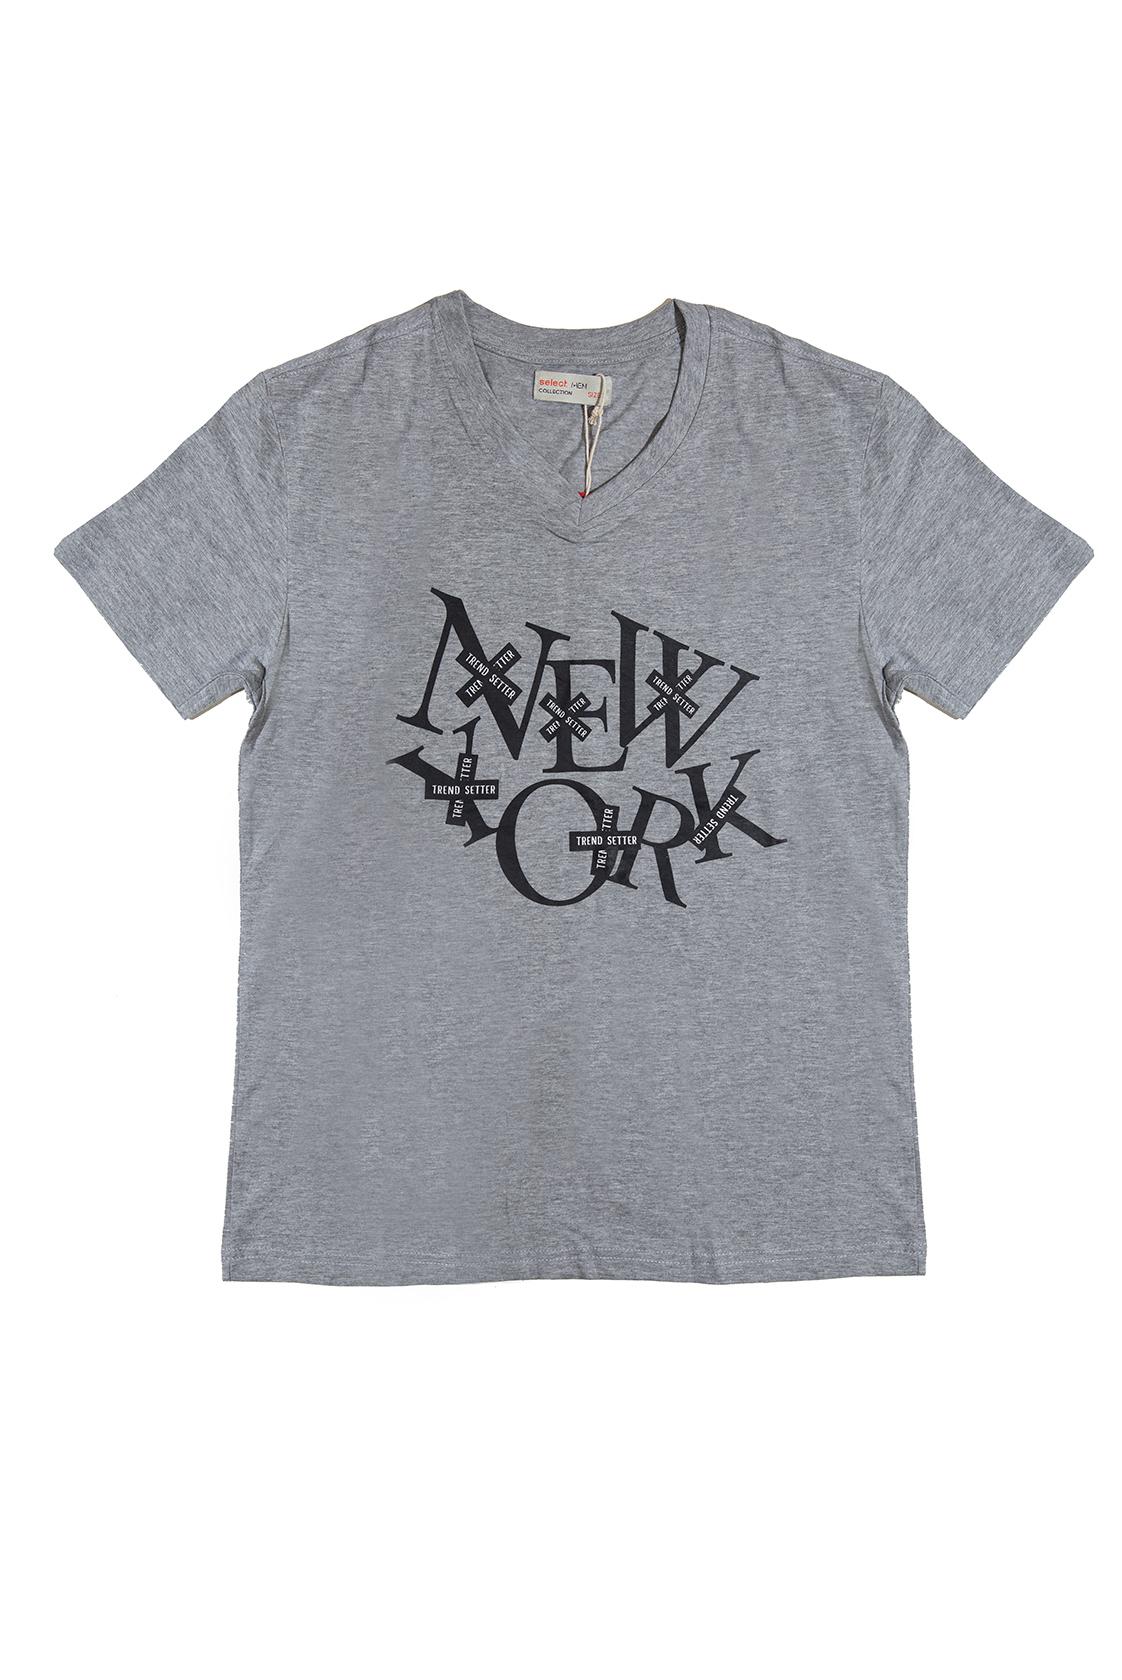 חולצת NEW YORK אפורה